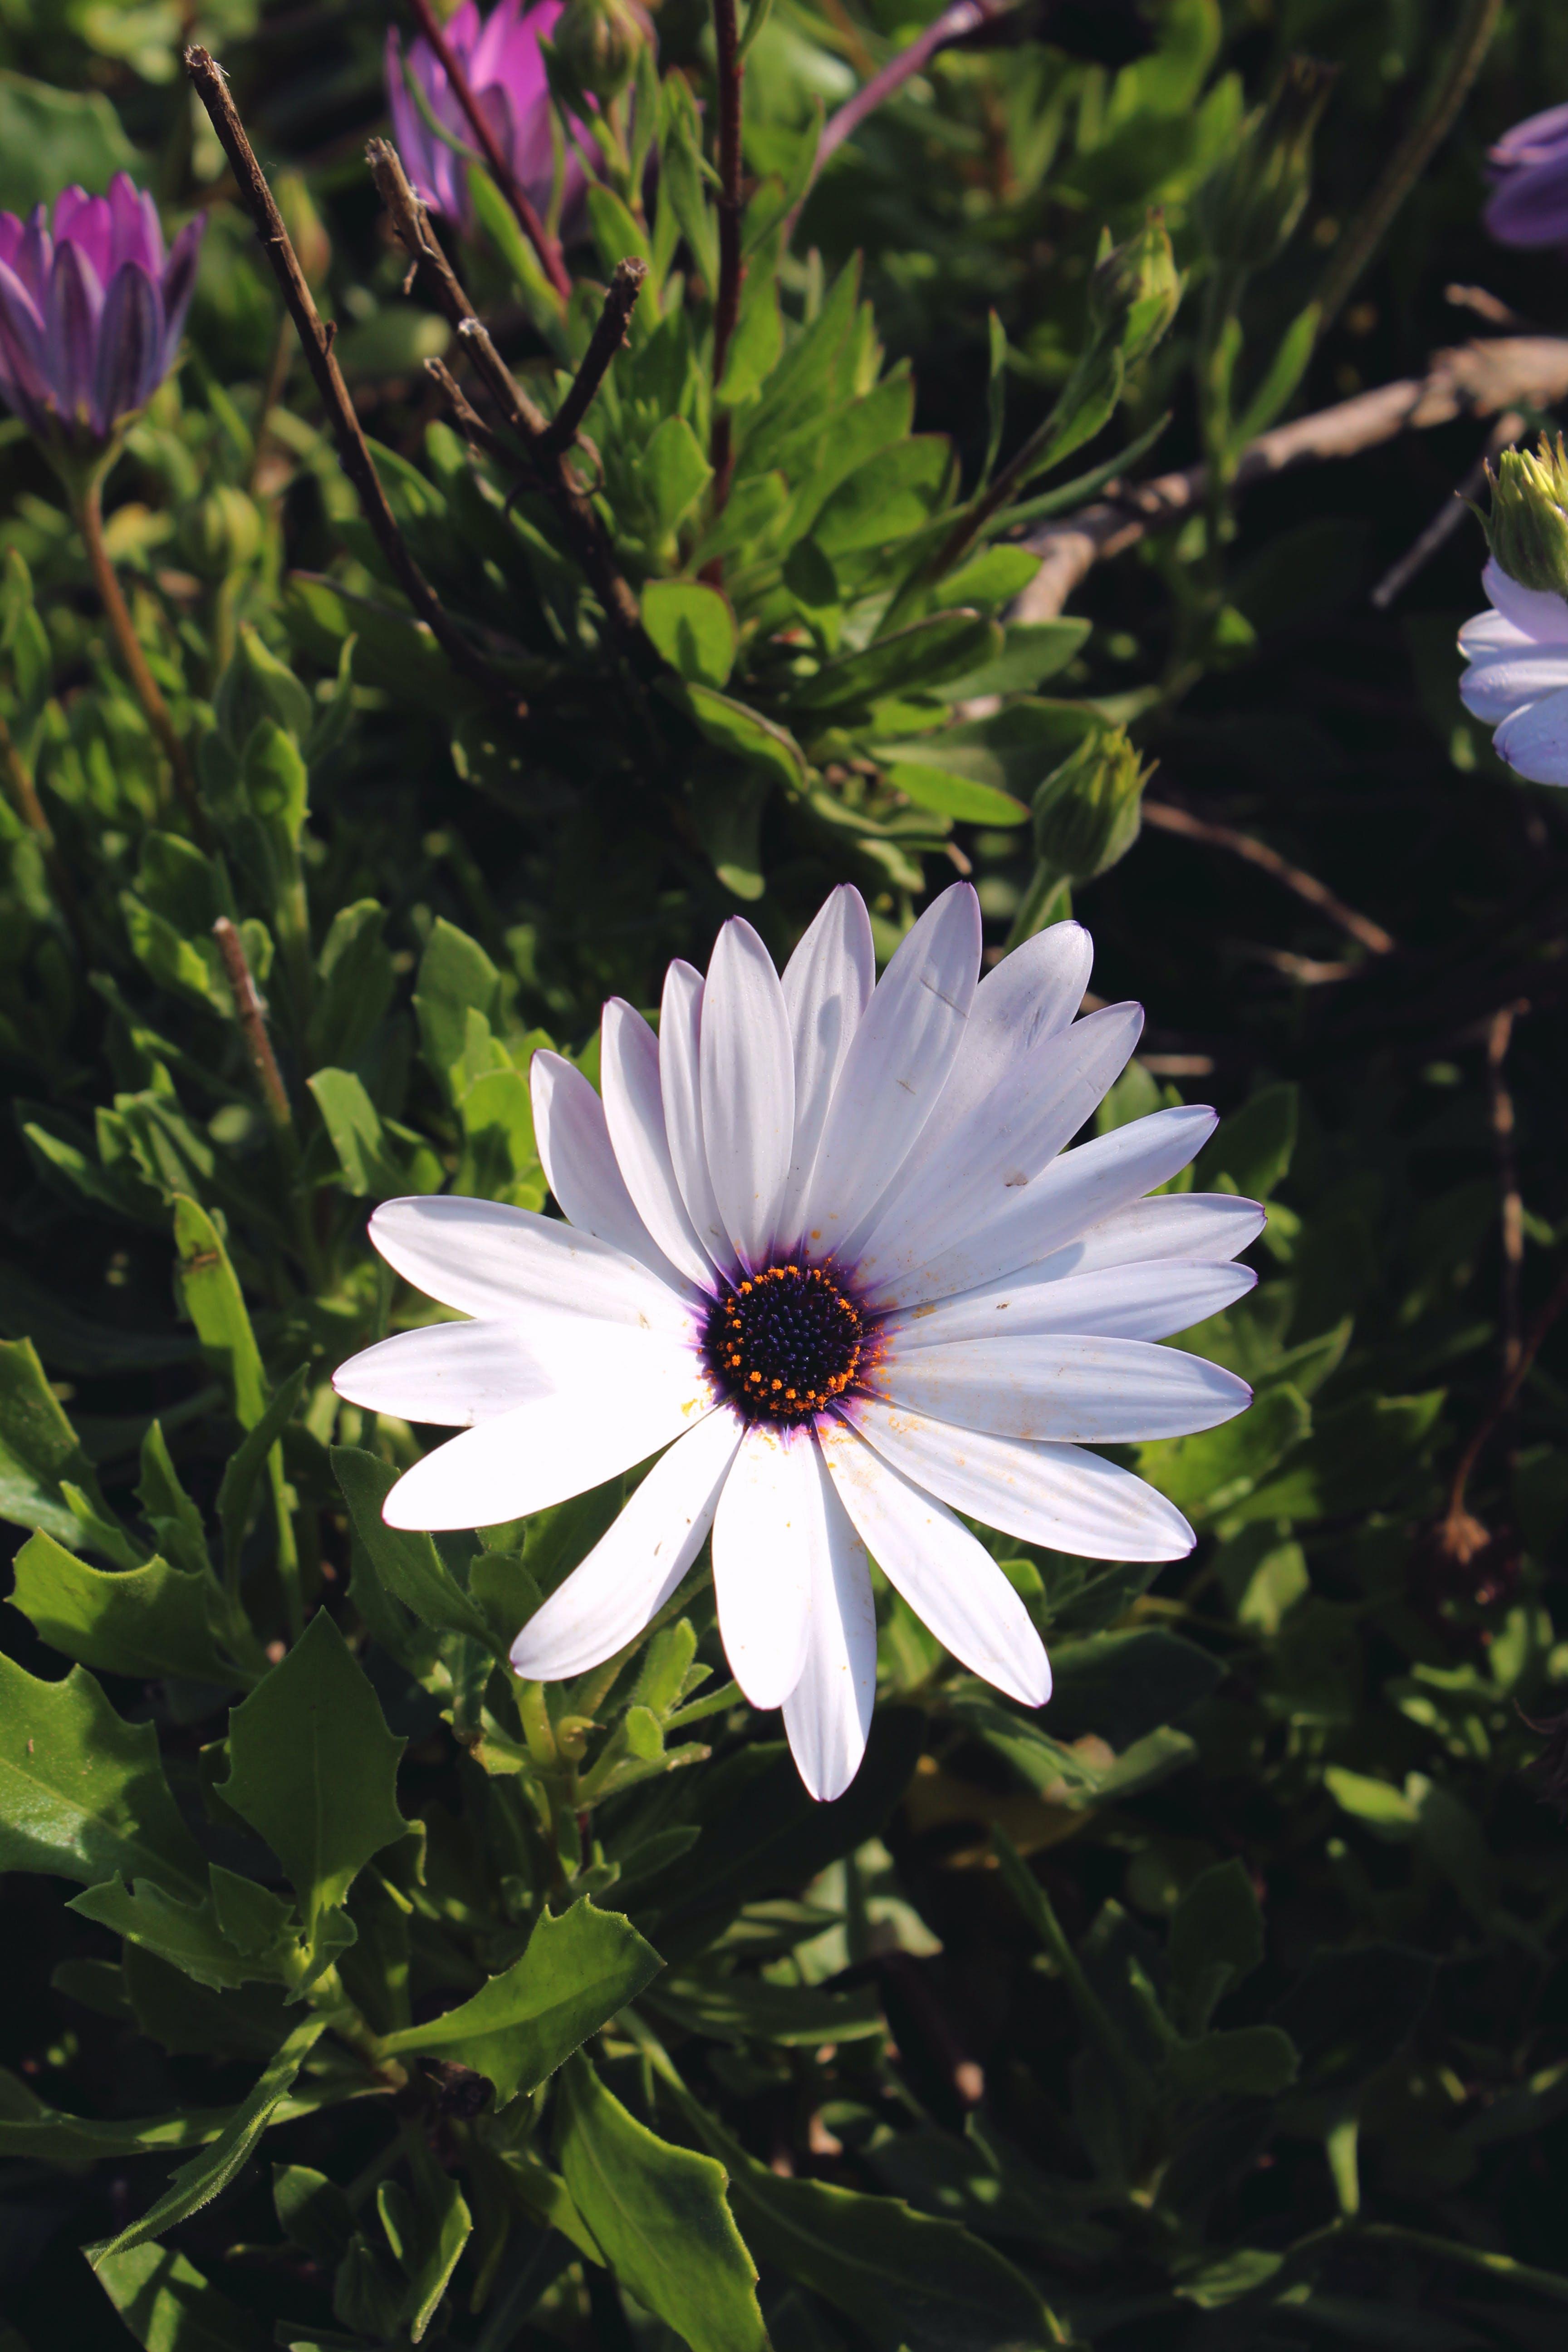 Free stock photo of flower, white flower